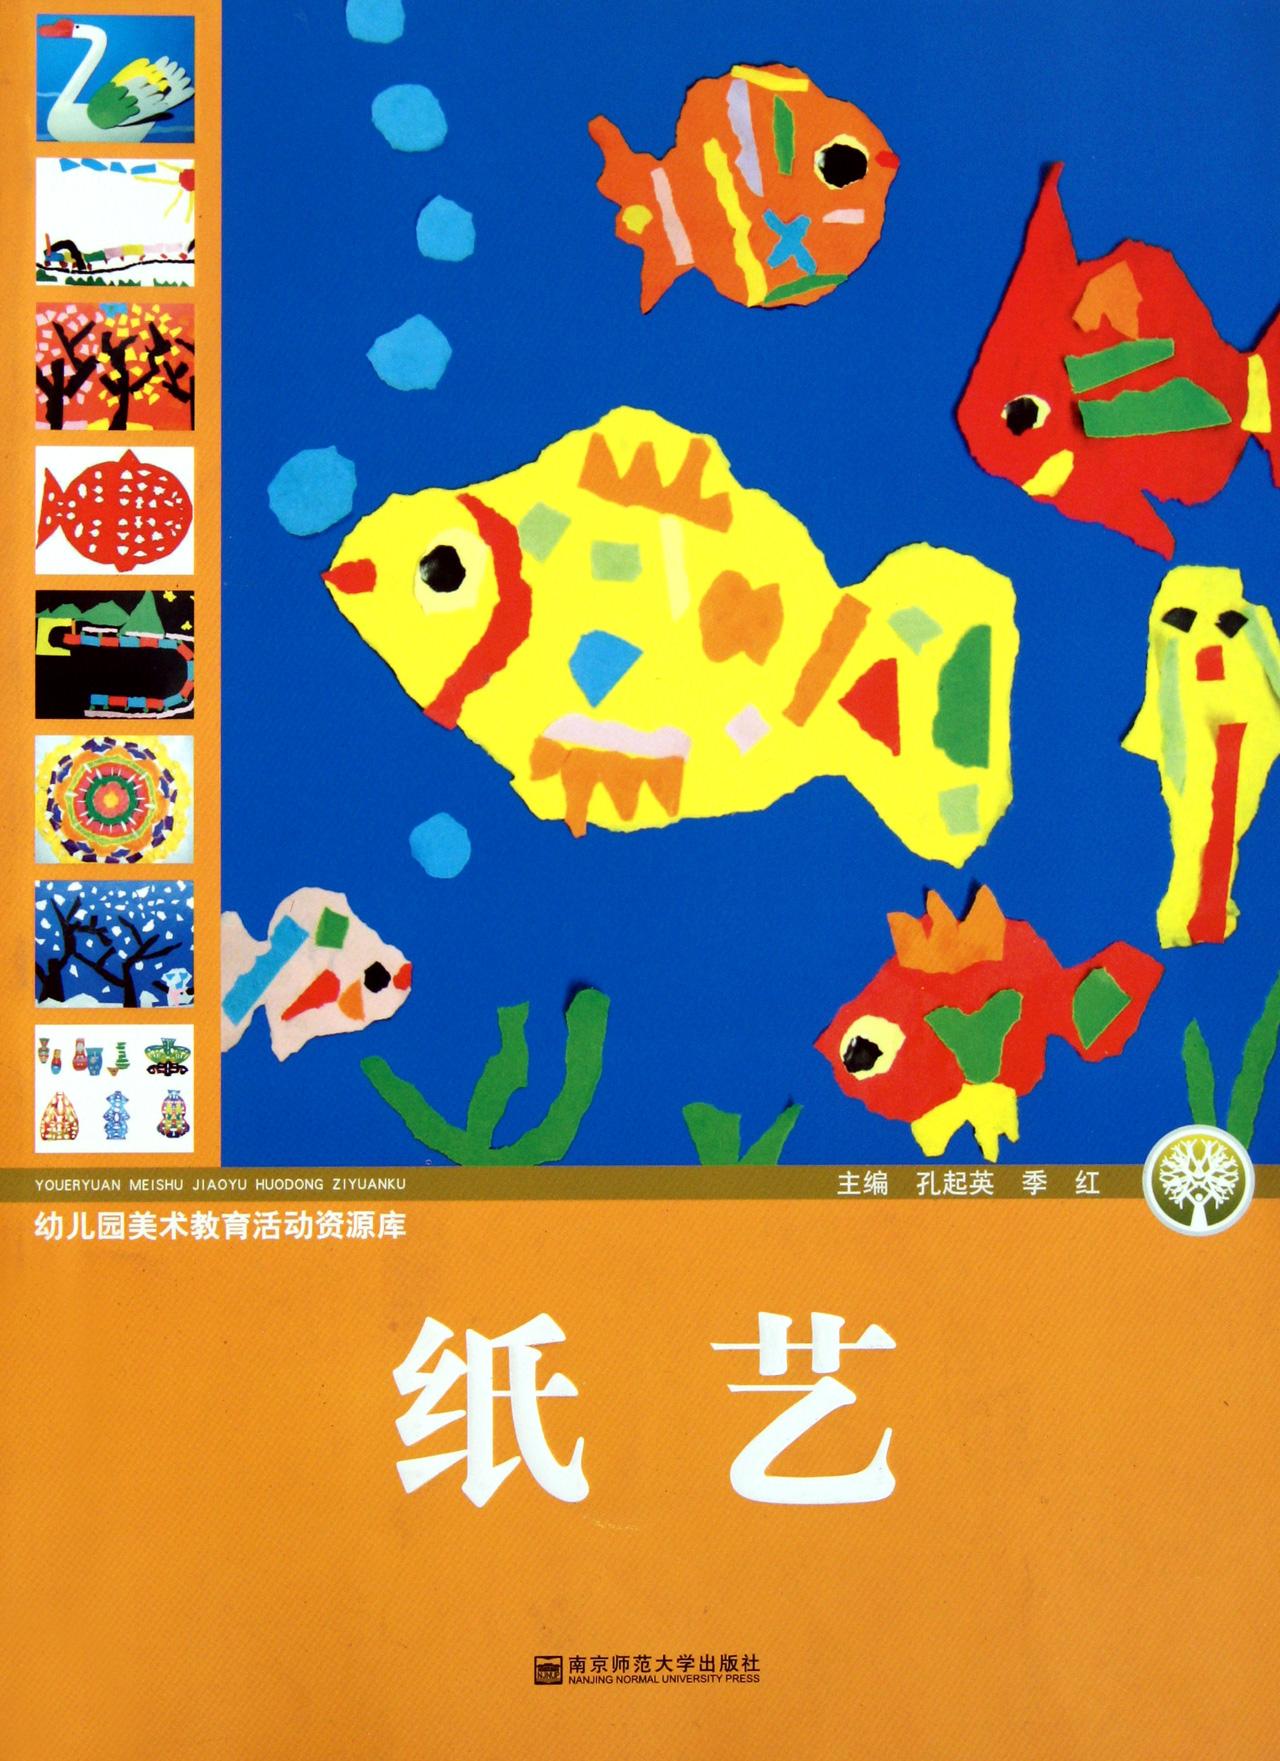 纸艺(幼儿园美术教育活动资源库)